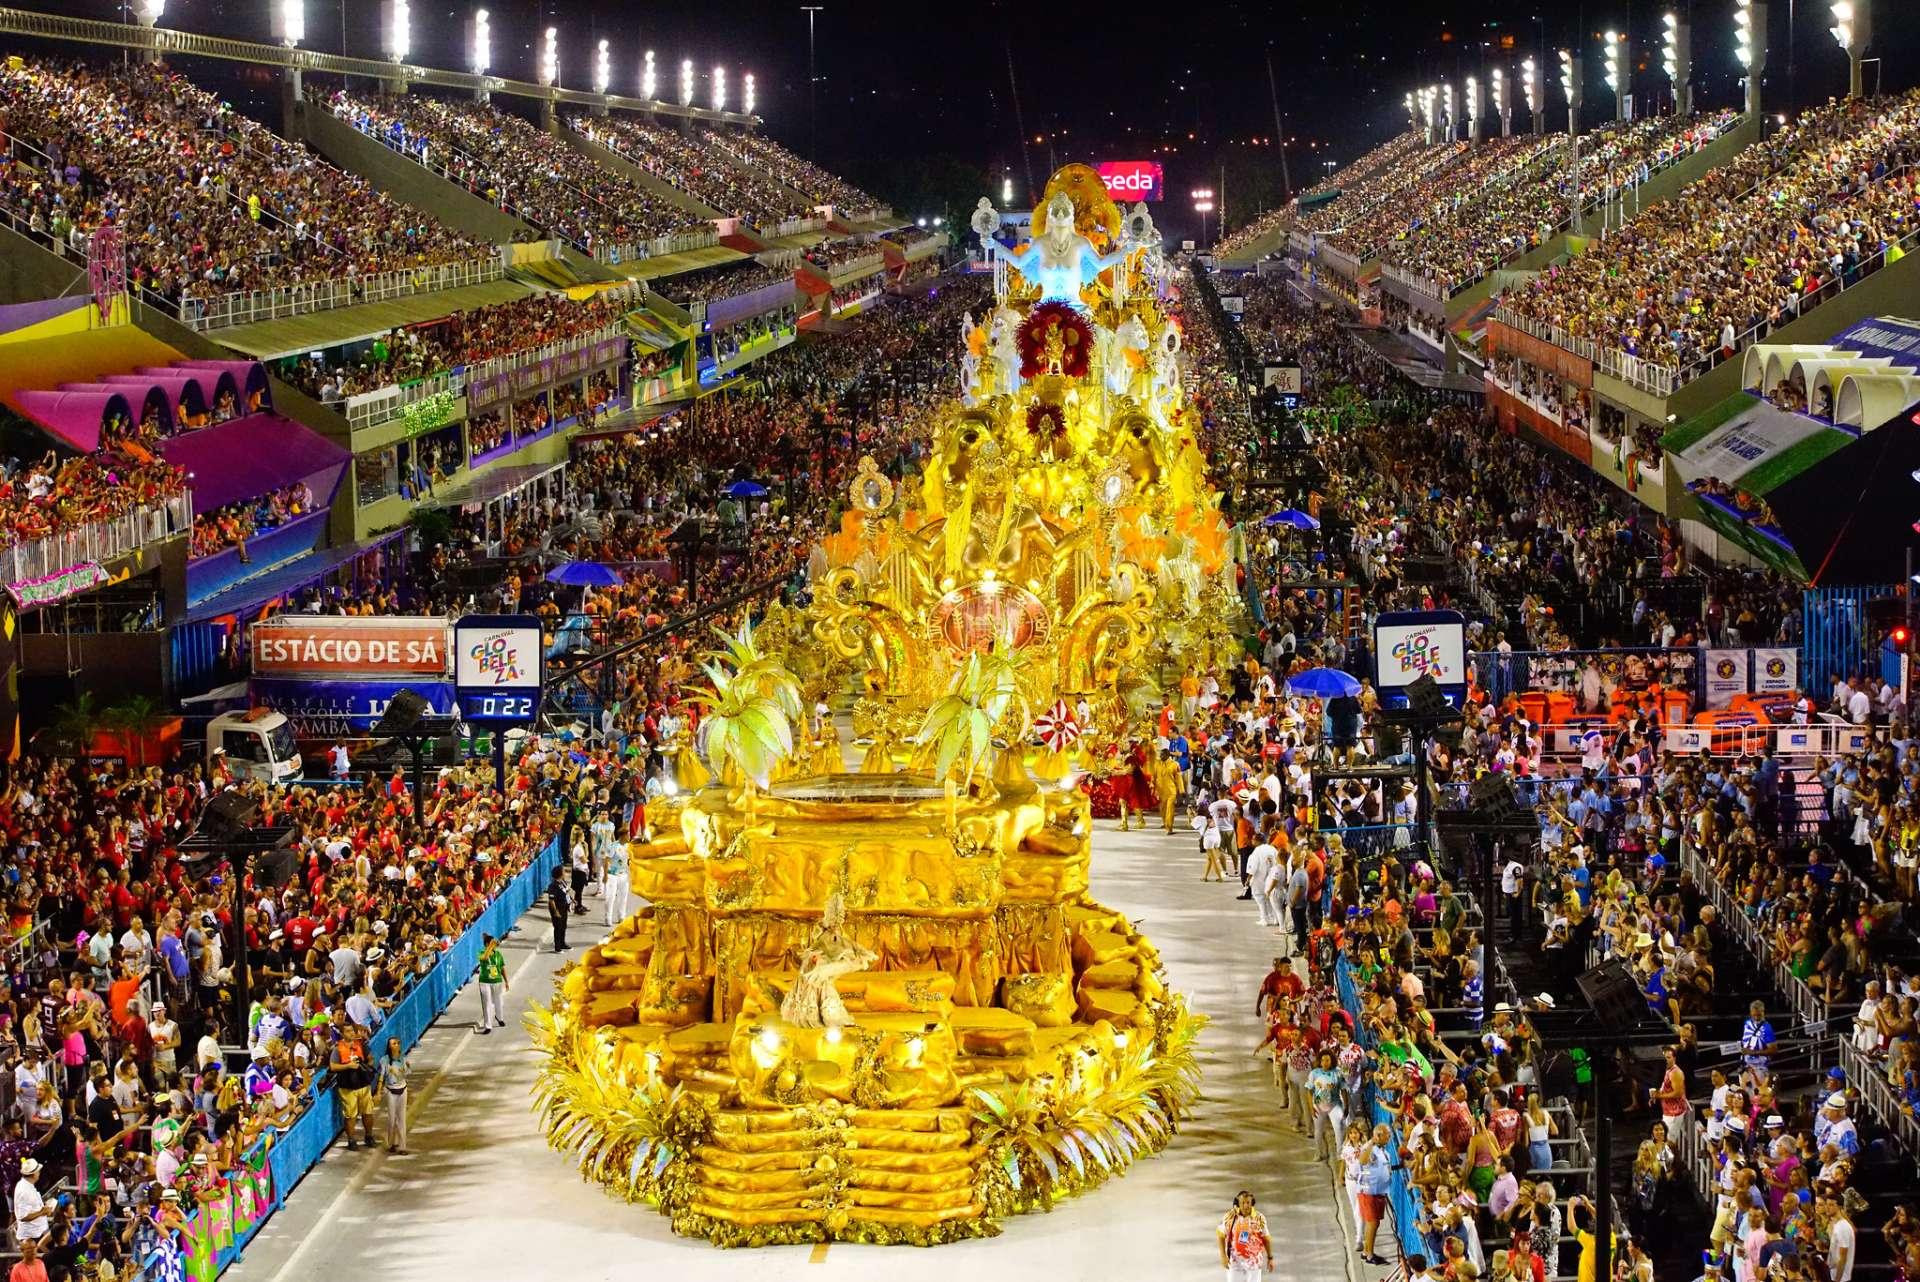 Carnaval no Rio de Janeiro pode ser confirmado com uso do passaporte de vacinação